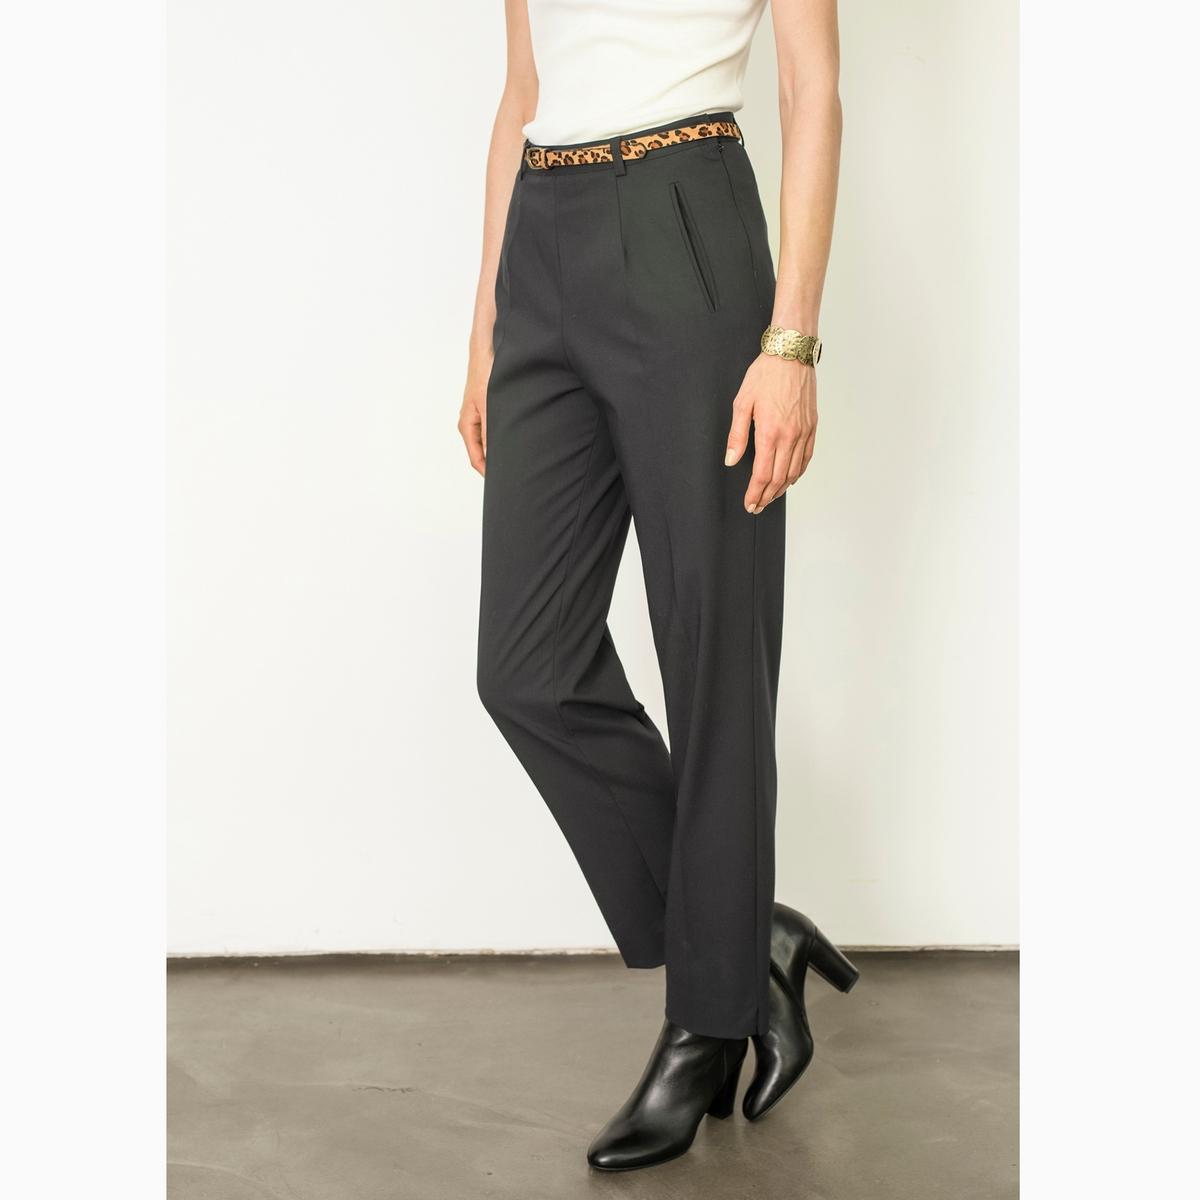 Imagen adicional 2 de producto de Pantalón urbano, recto, especial vientre plano - Anne weyburn